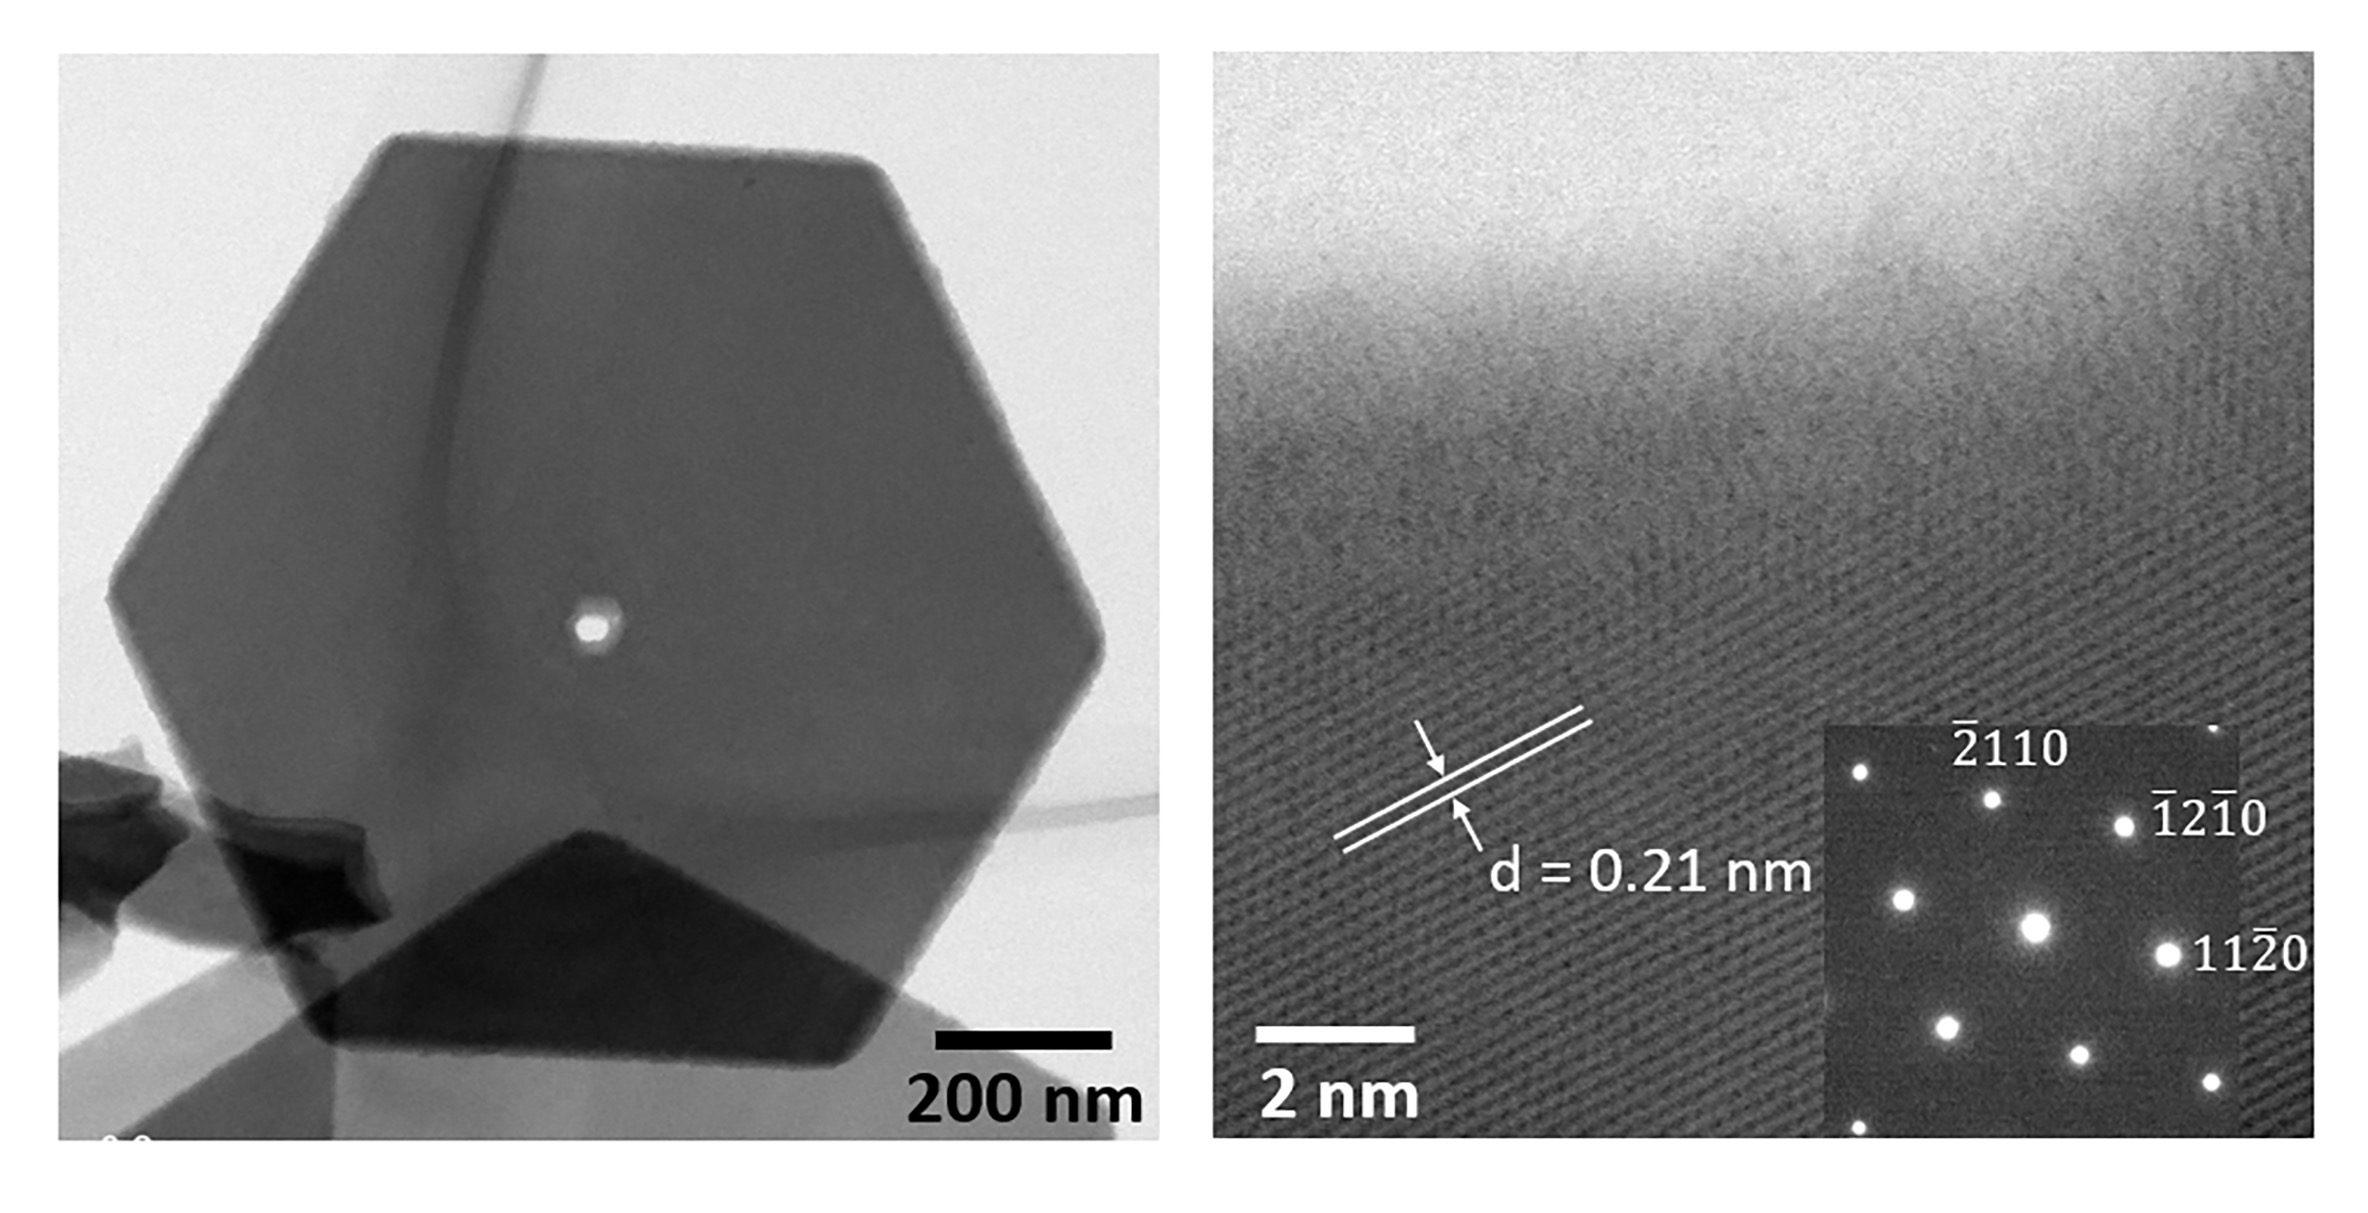 ナノテクノロジーによる熱電変換材料の高性能化の研究開発